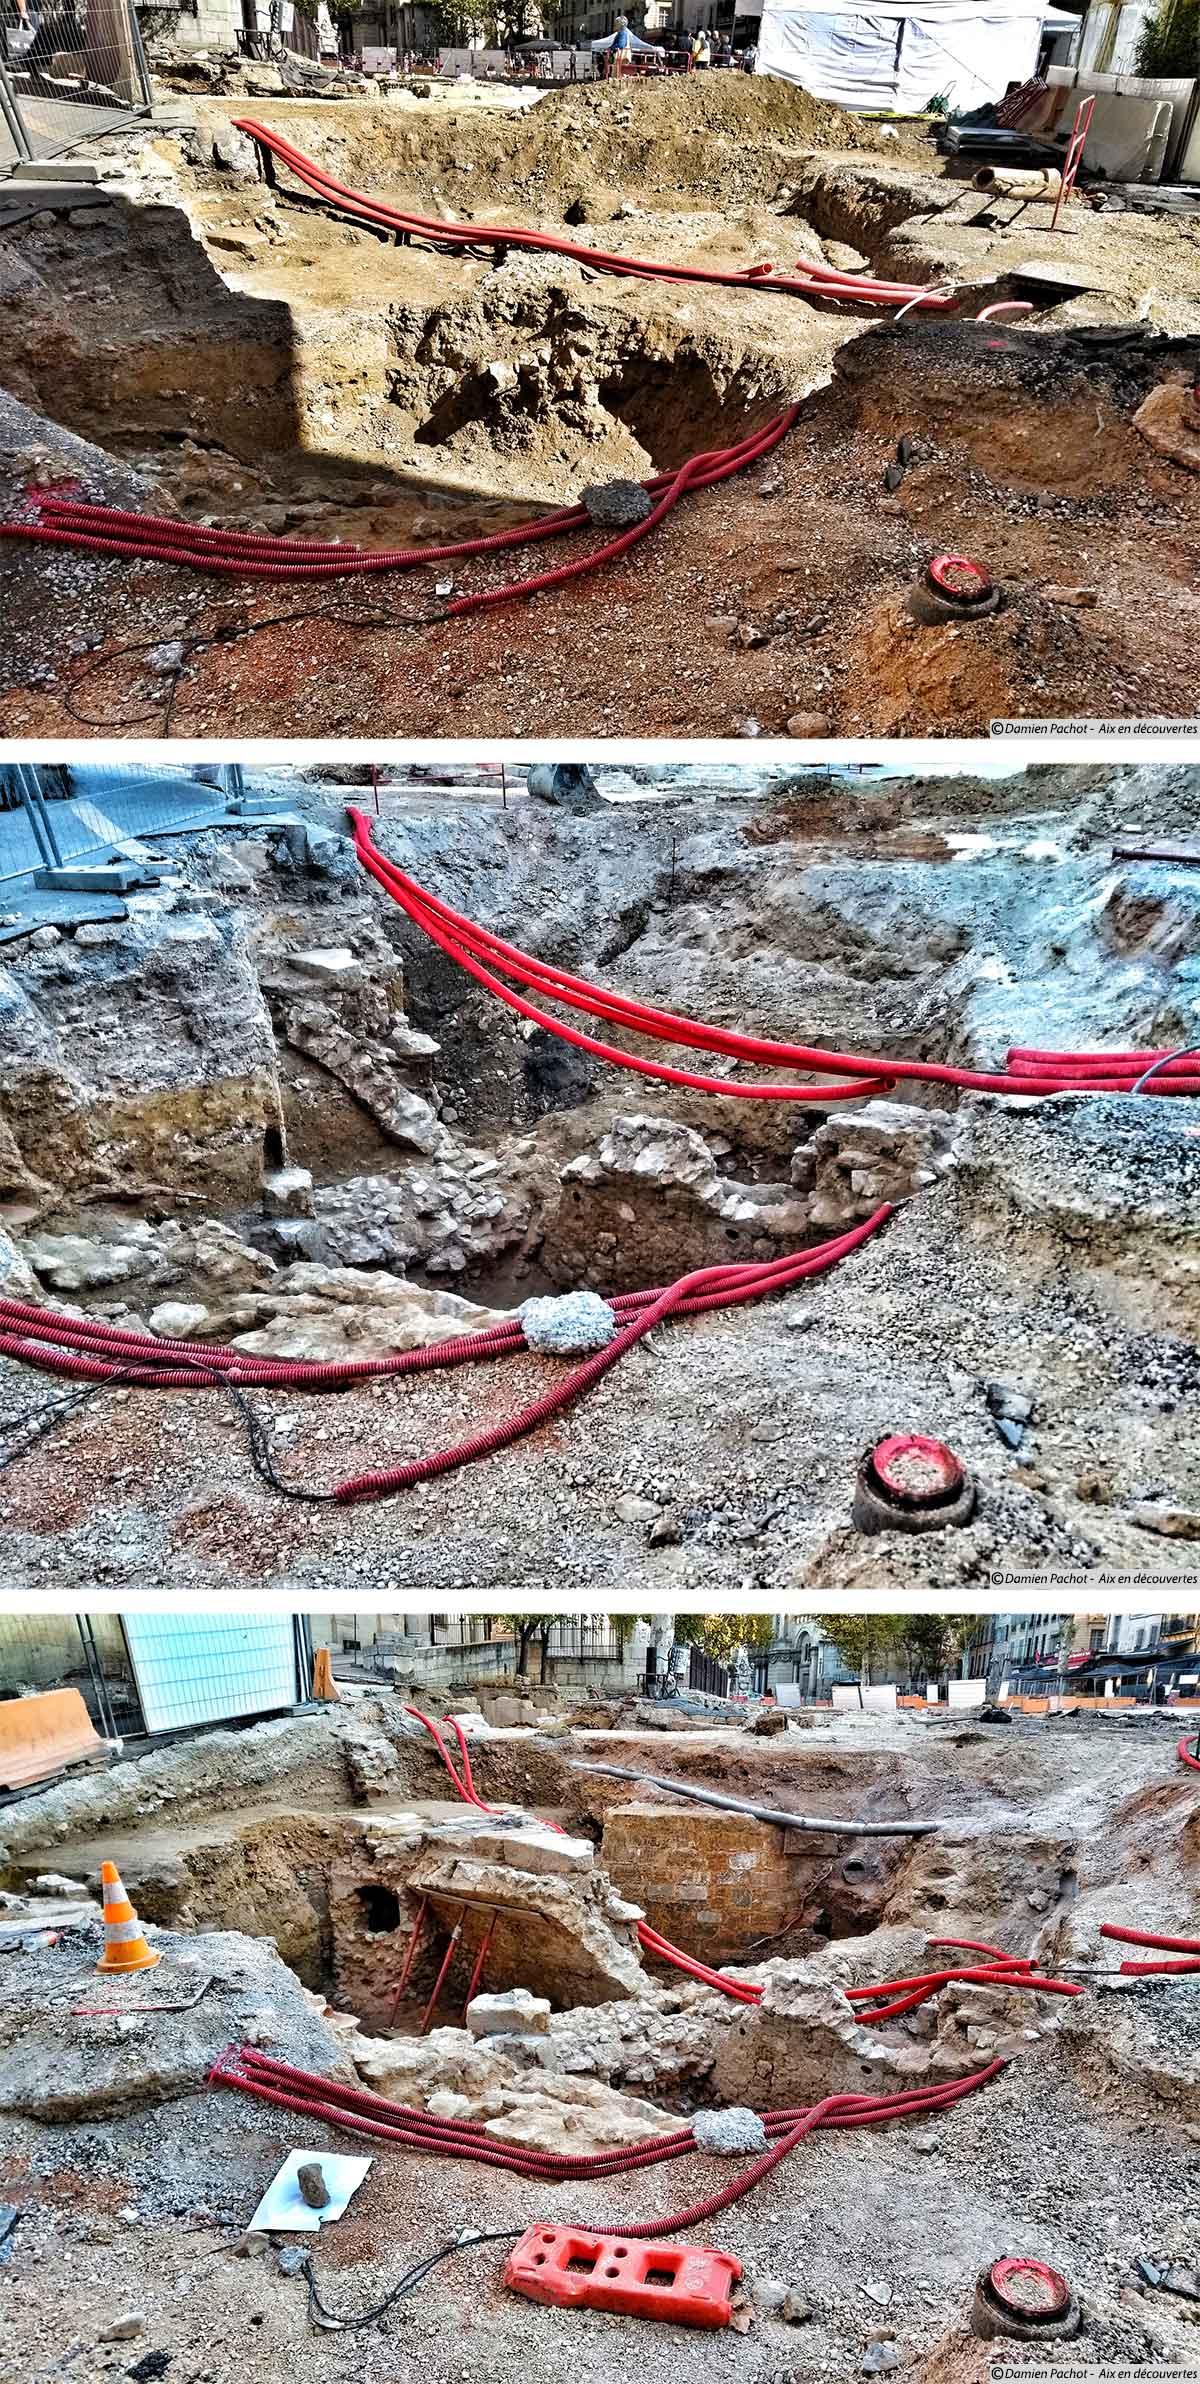 Les fouilles effectuées à la sortie du passage Agard au fil des semaines